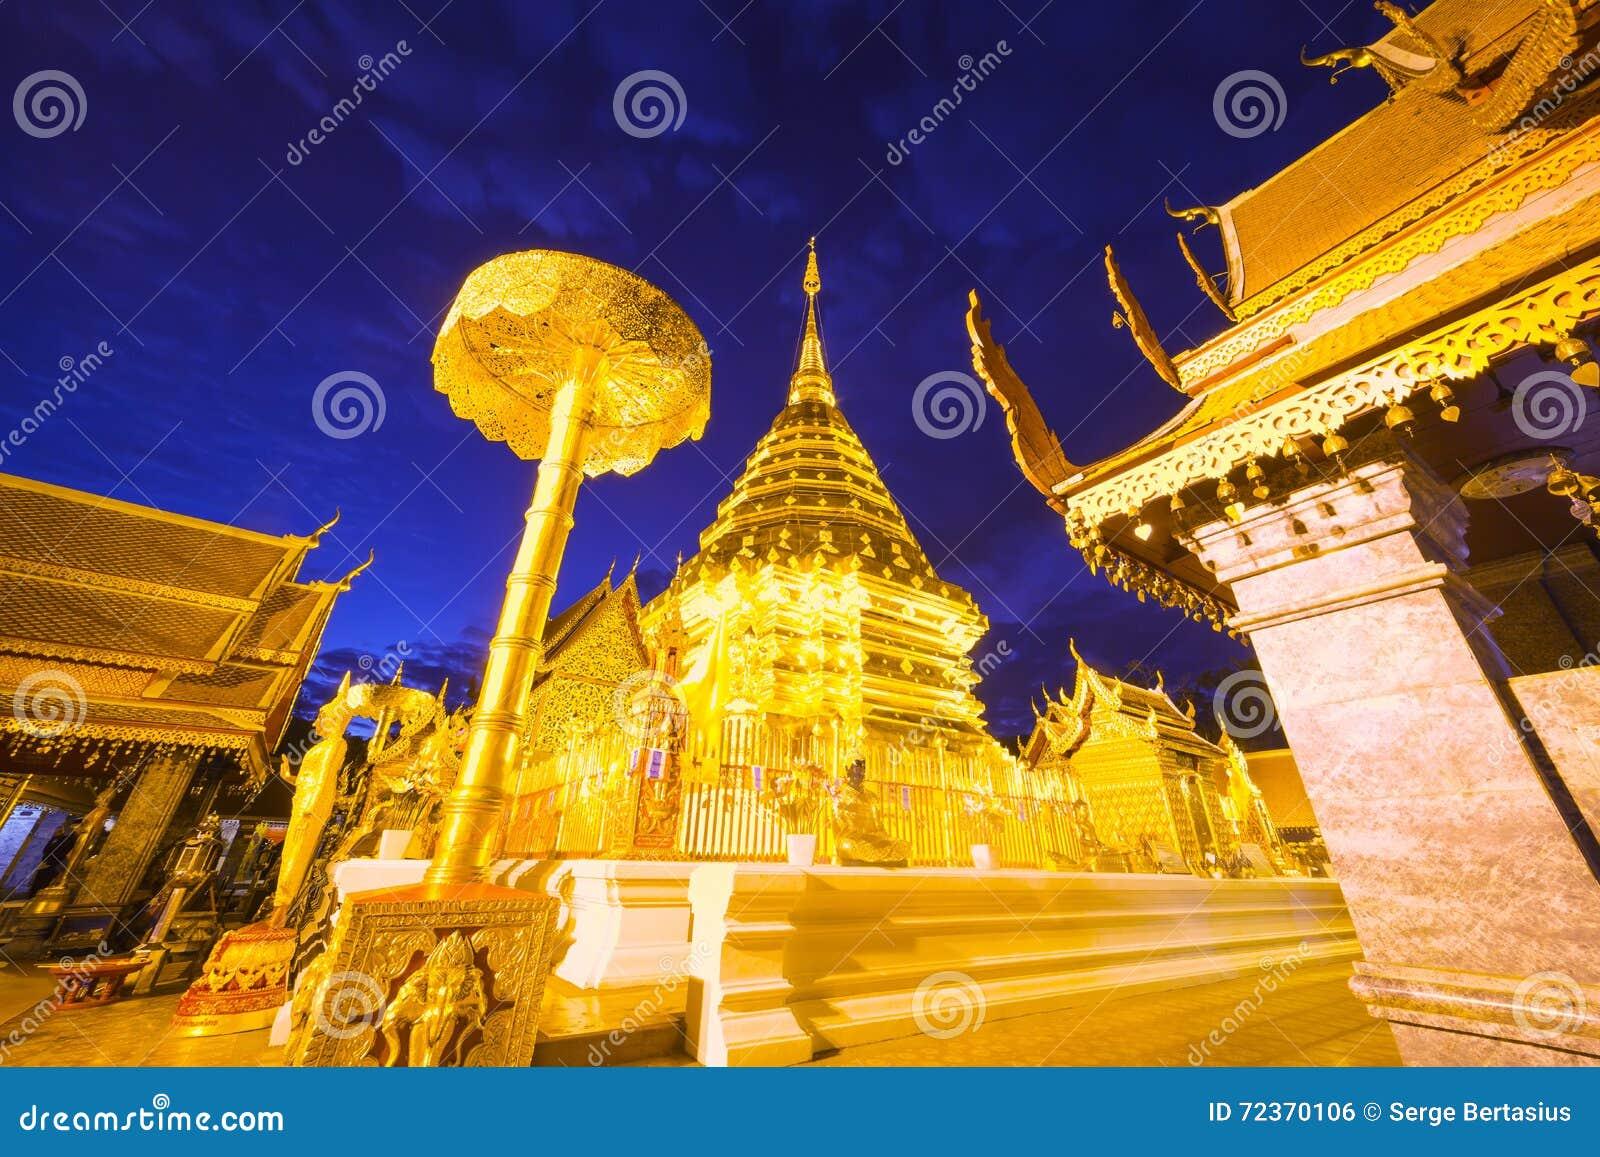 Wat Phra那个土井素贴寺庙